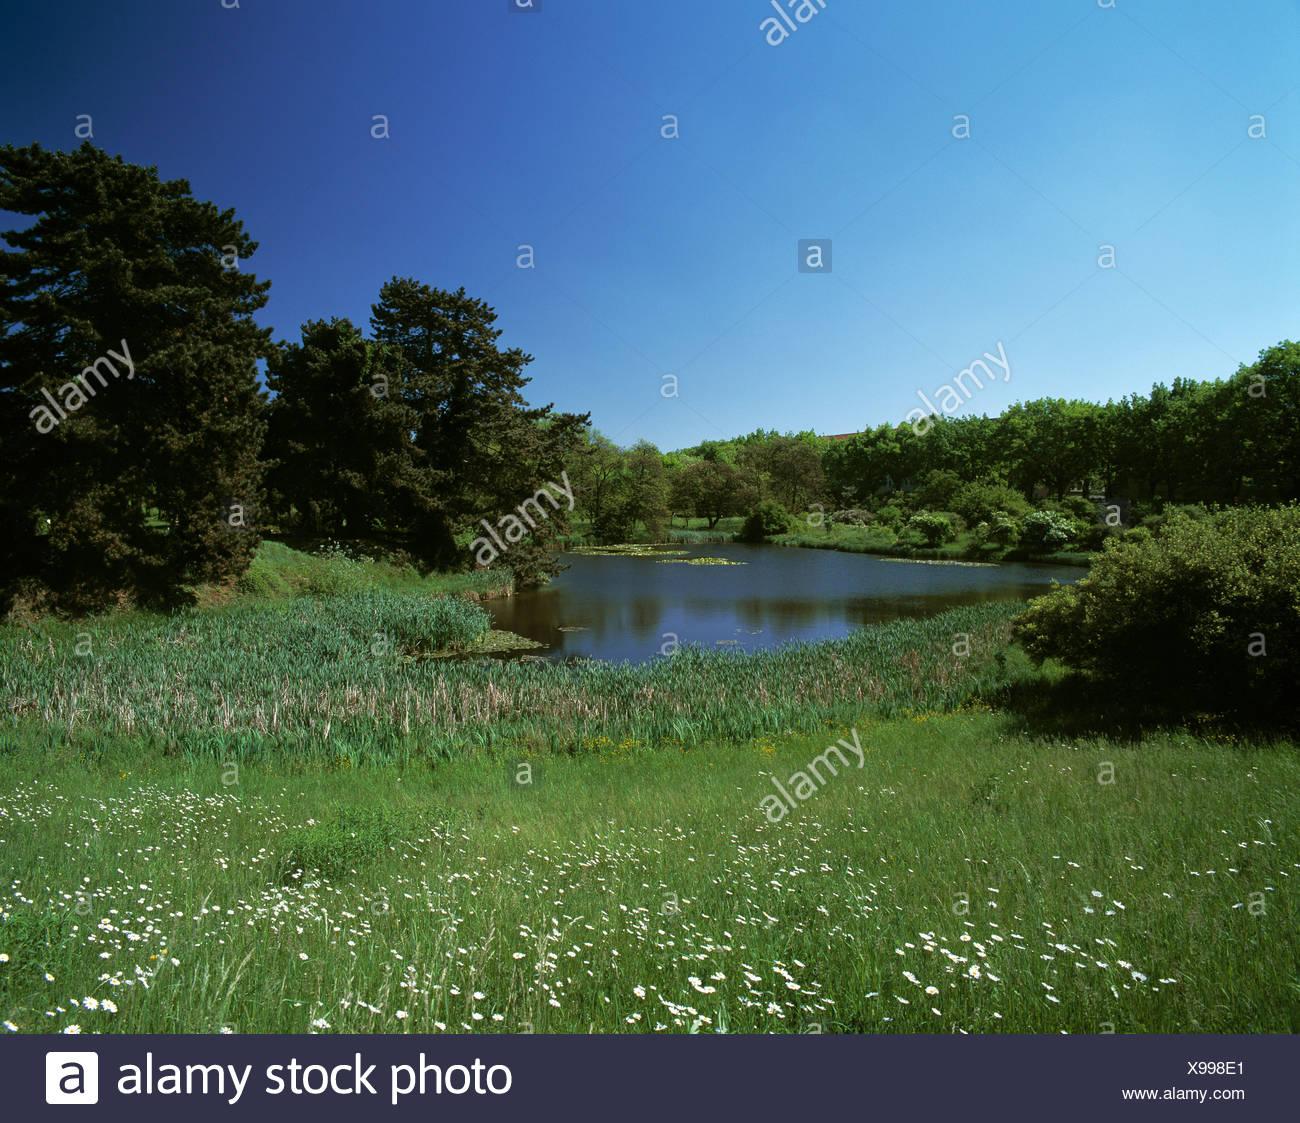 Landschaft-Landschaft Berlin-Dahlem Park Blume Wiese Wiesen Idylle Teich Teich See Botanischer Garten Deutschland E Stockbild